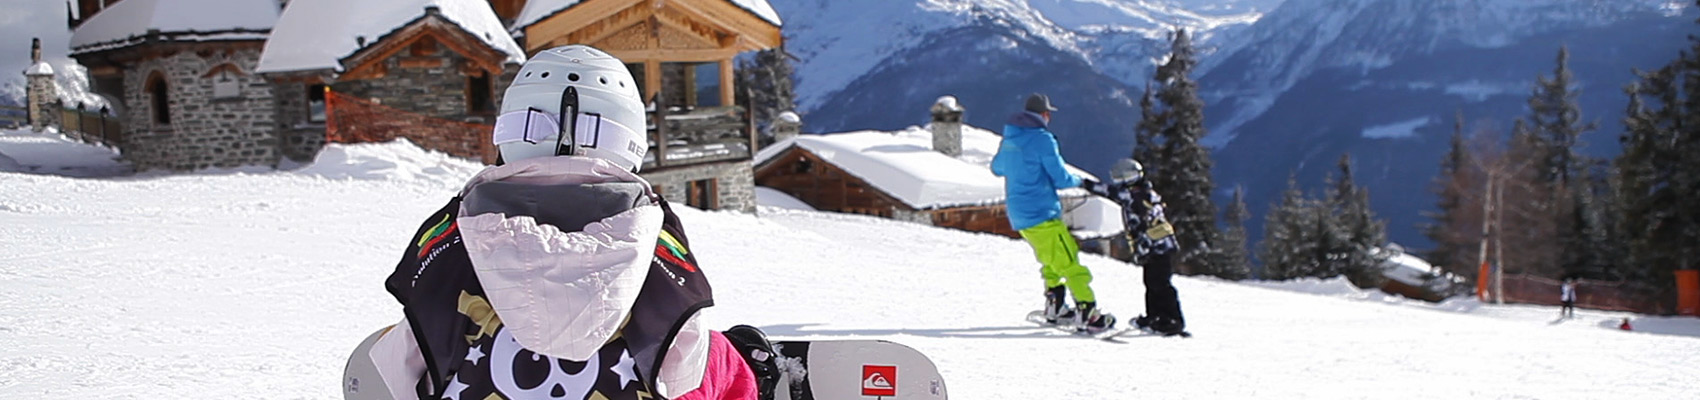 Riglet Park snowboard à Superbesse - Evolution 2